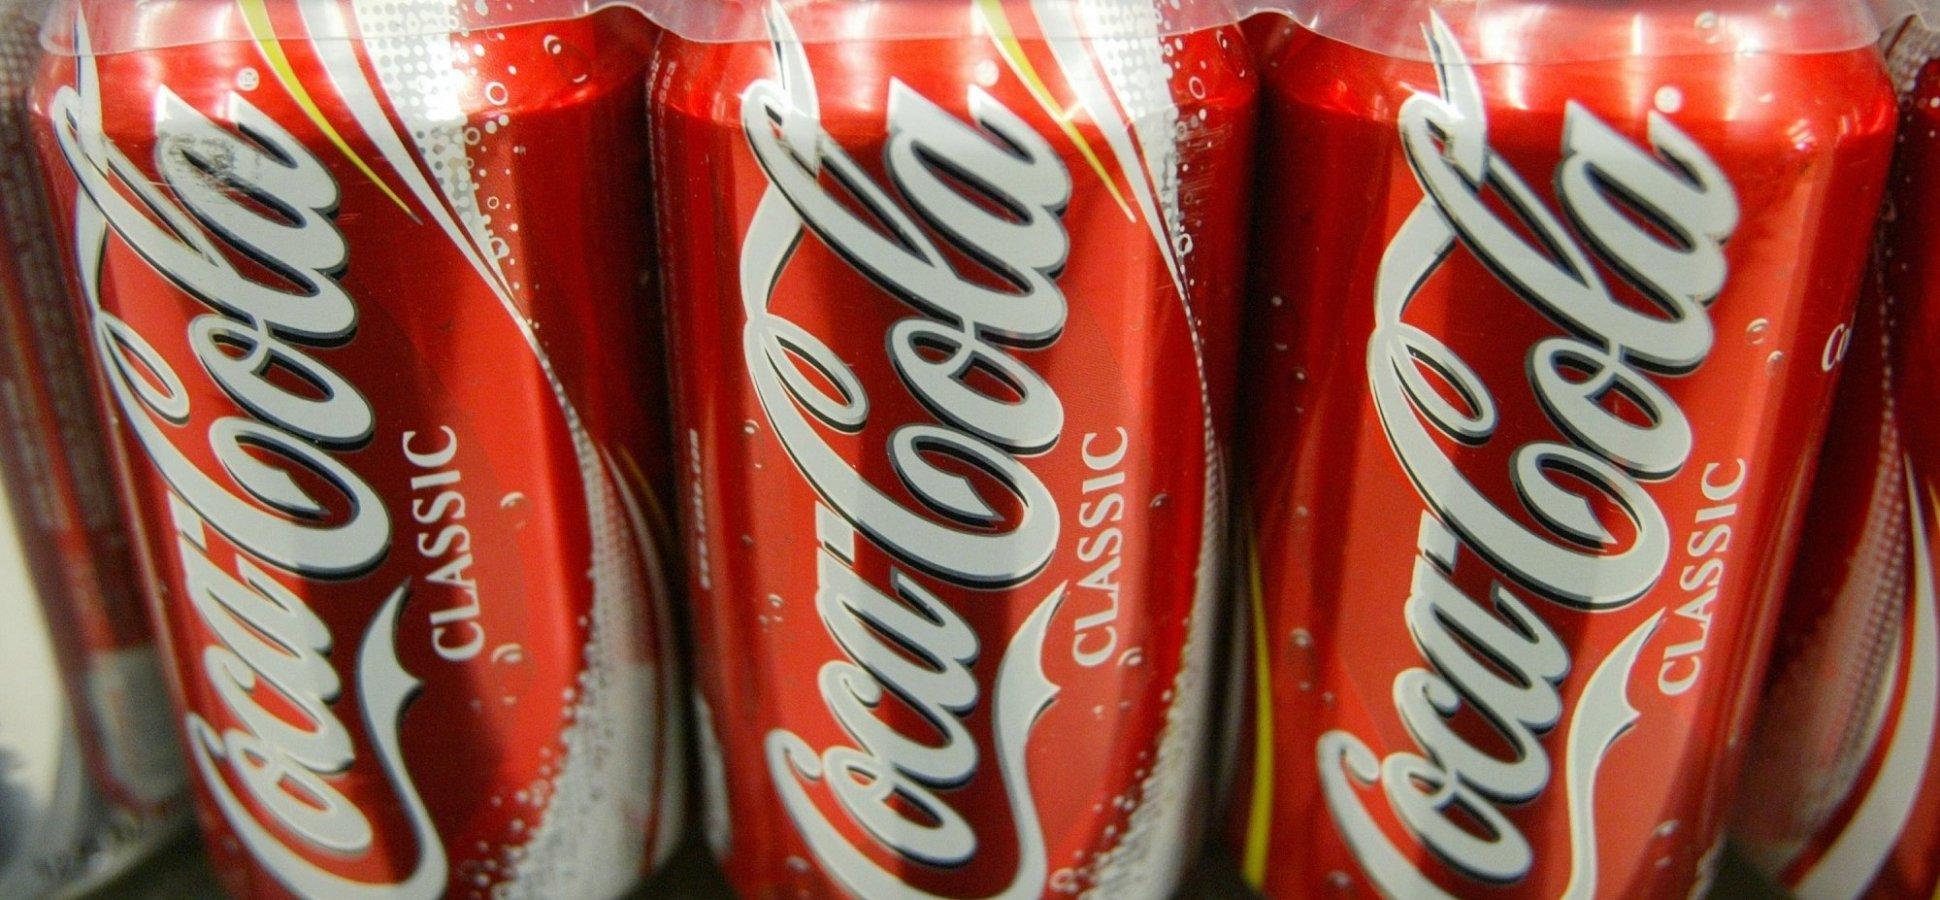 Coca-cola - cover